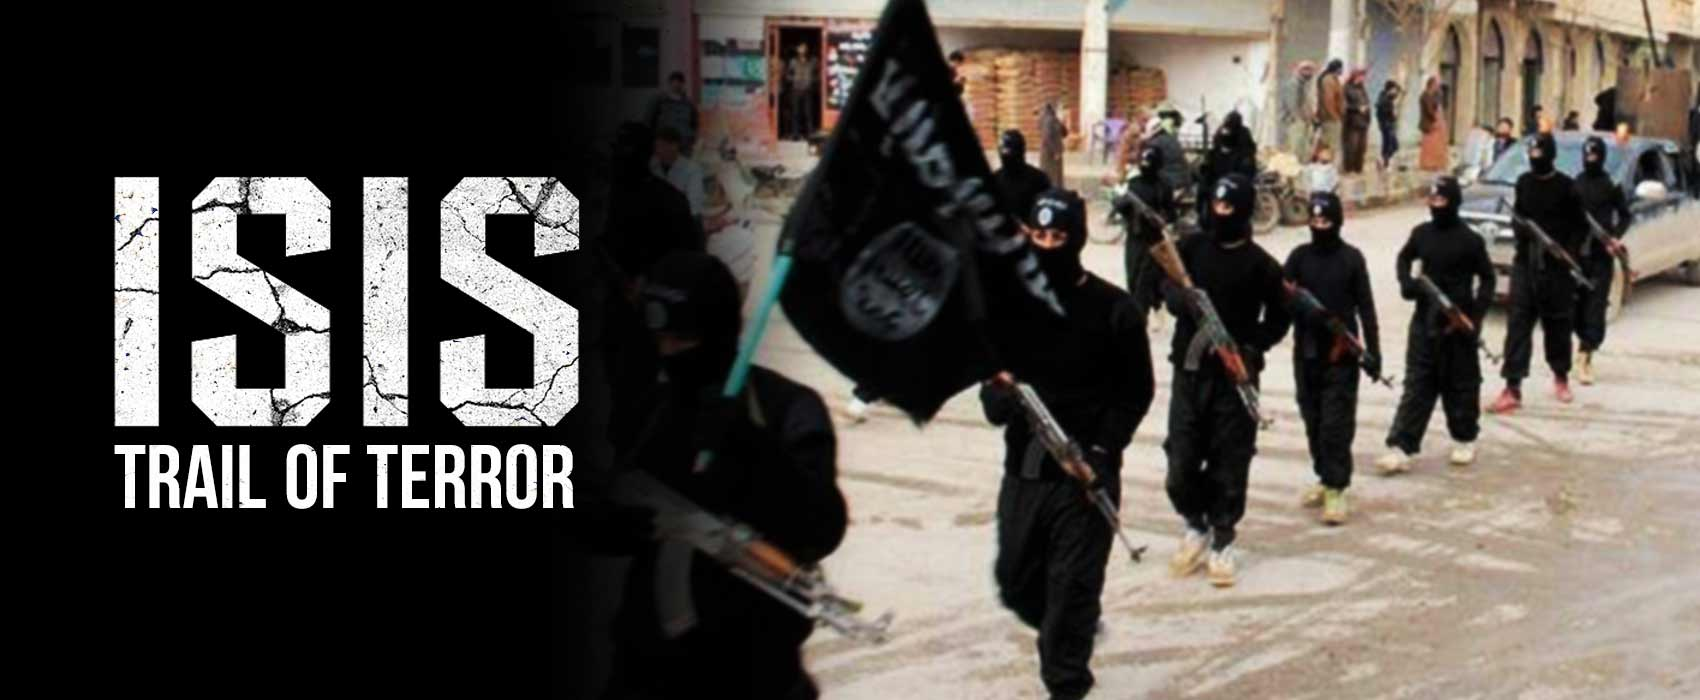 Kesilapan Berbahaya Tentang ISIS & Islam